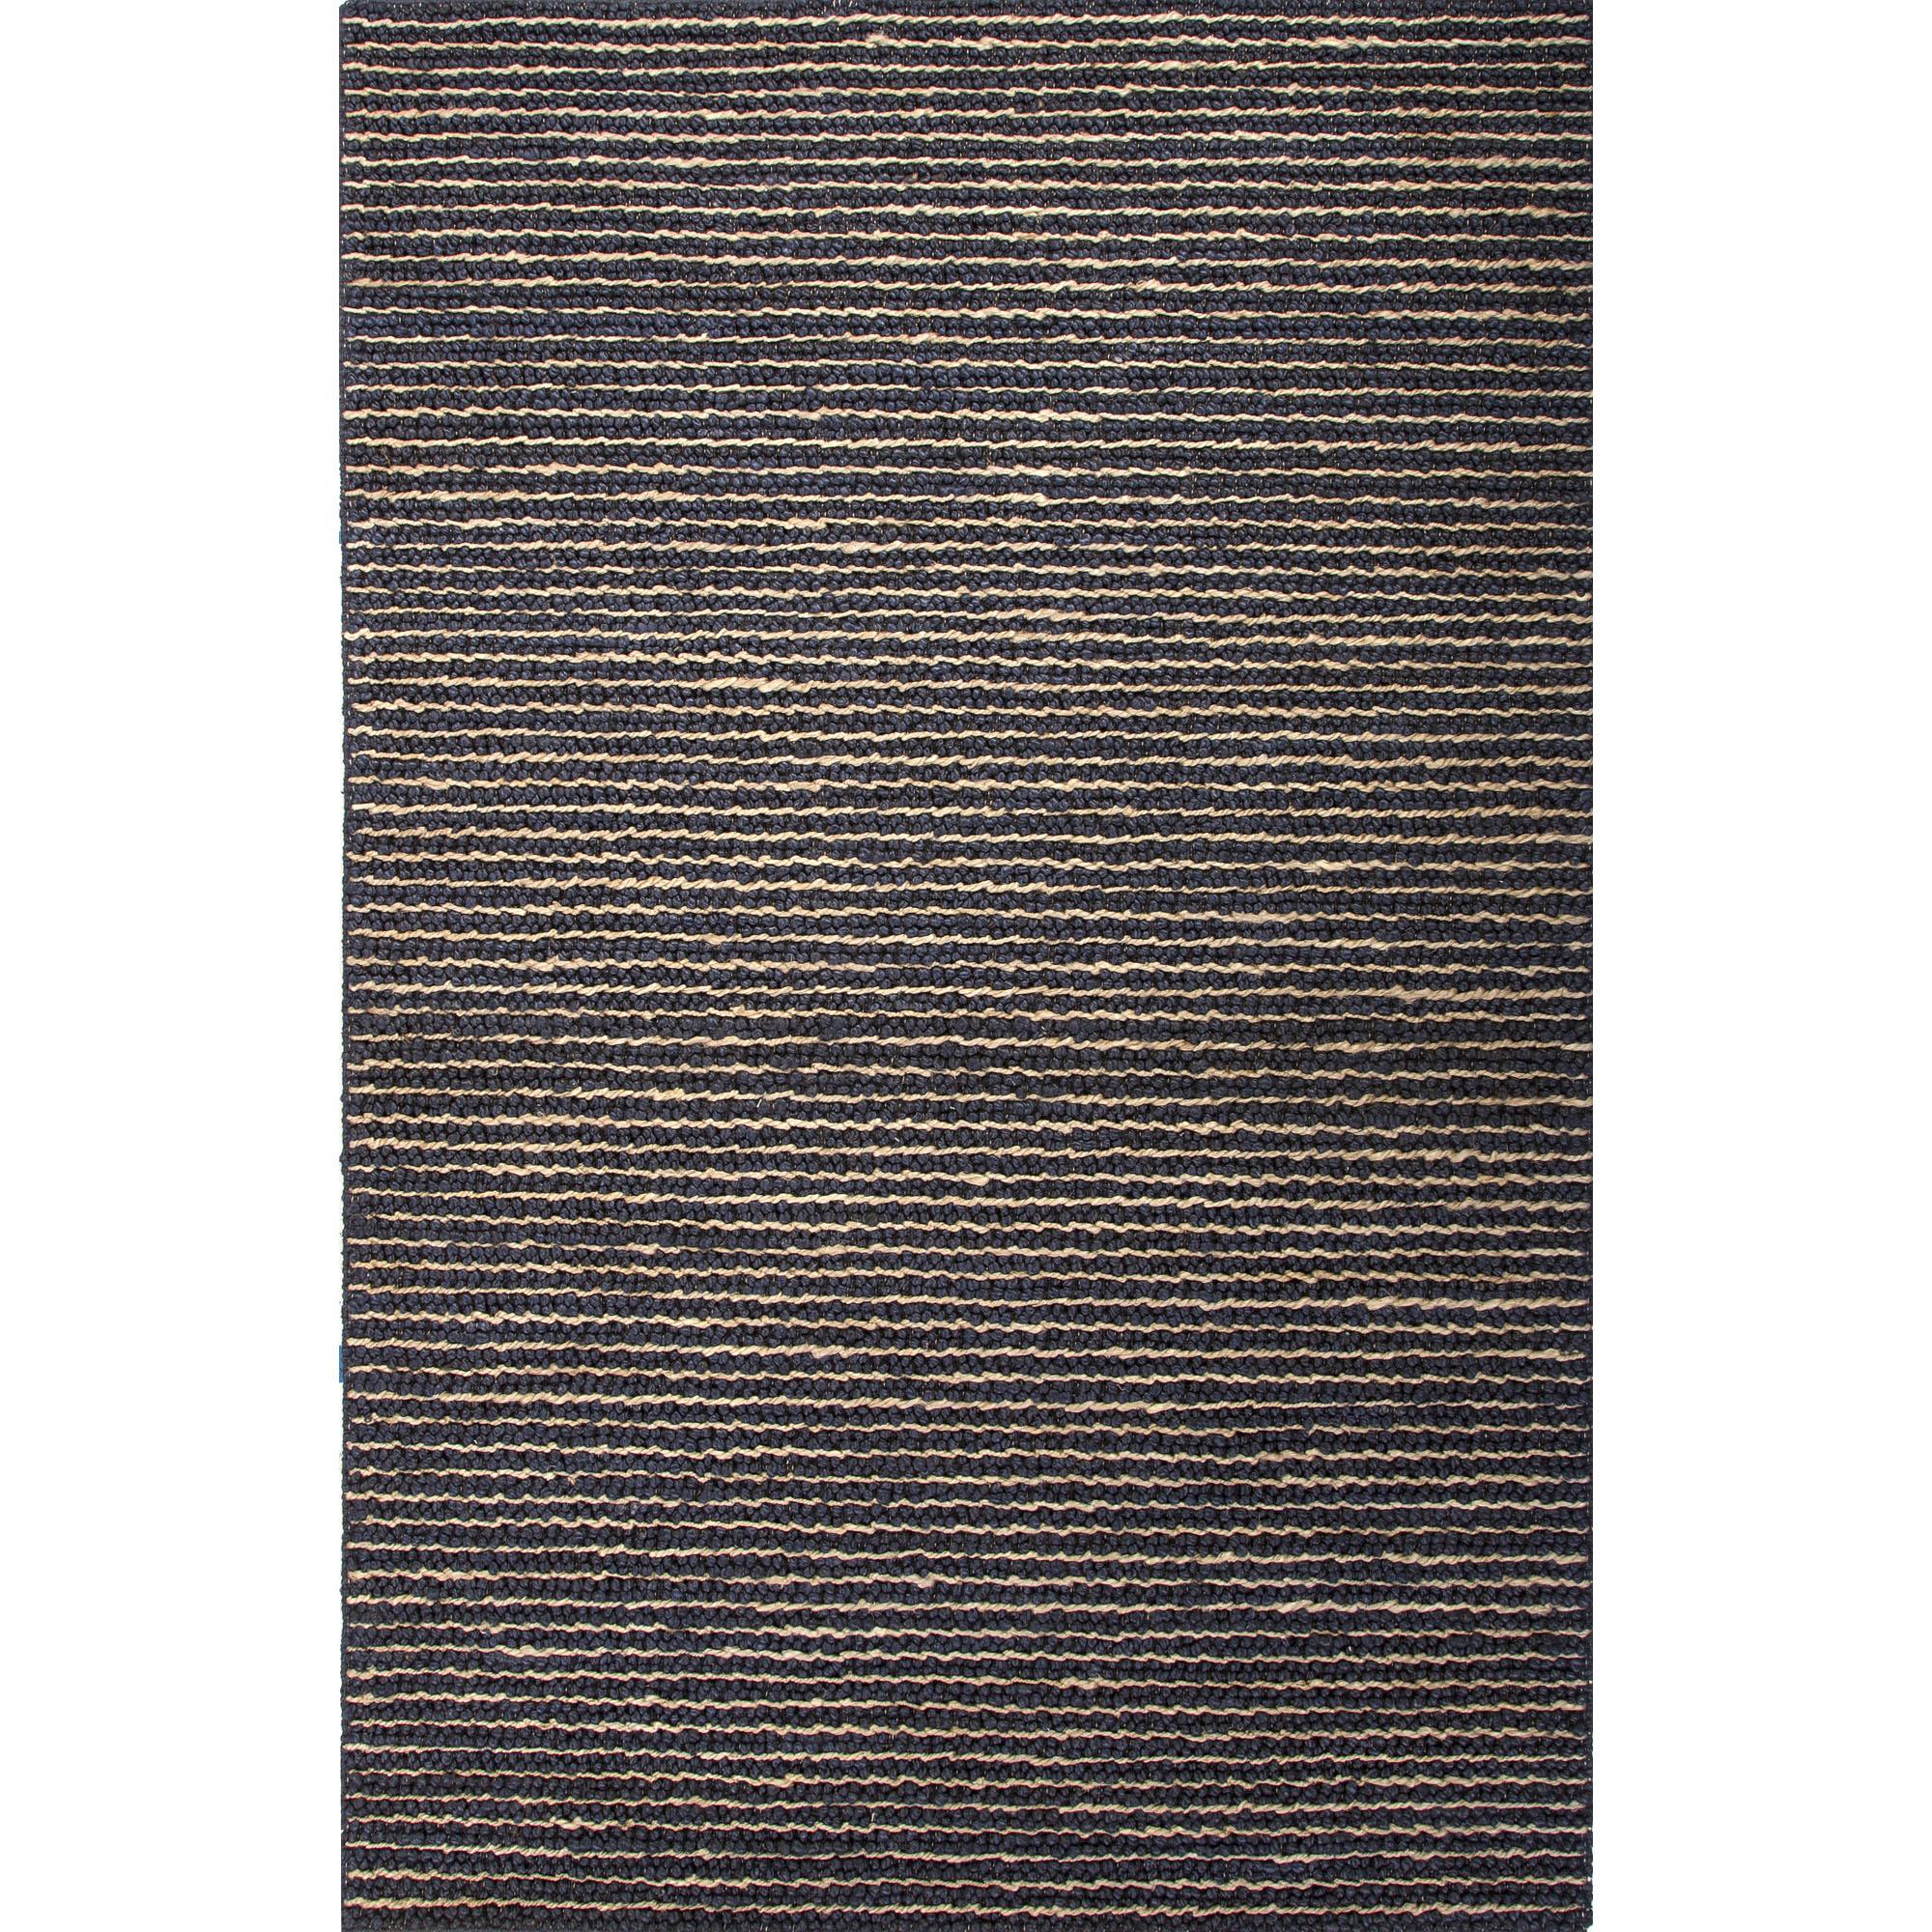 JAIPUR Rugs Naturals Seaside 8 x 10 Rug - Item Number: RUG118981